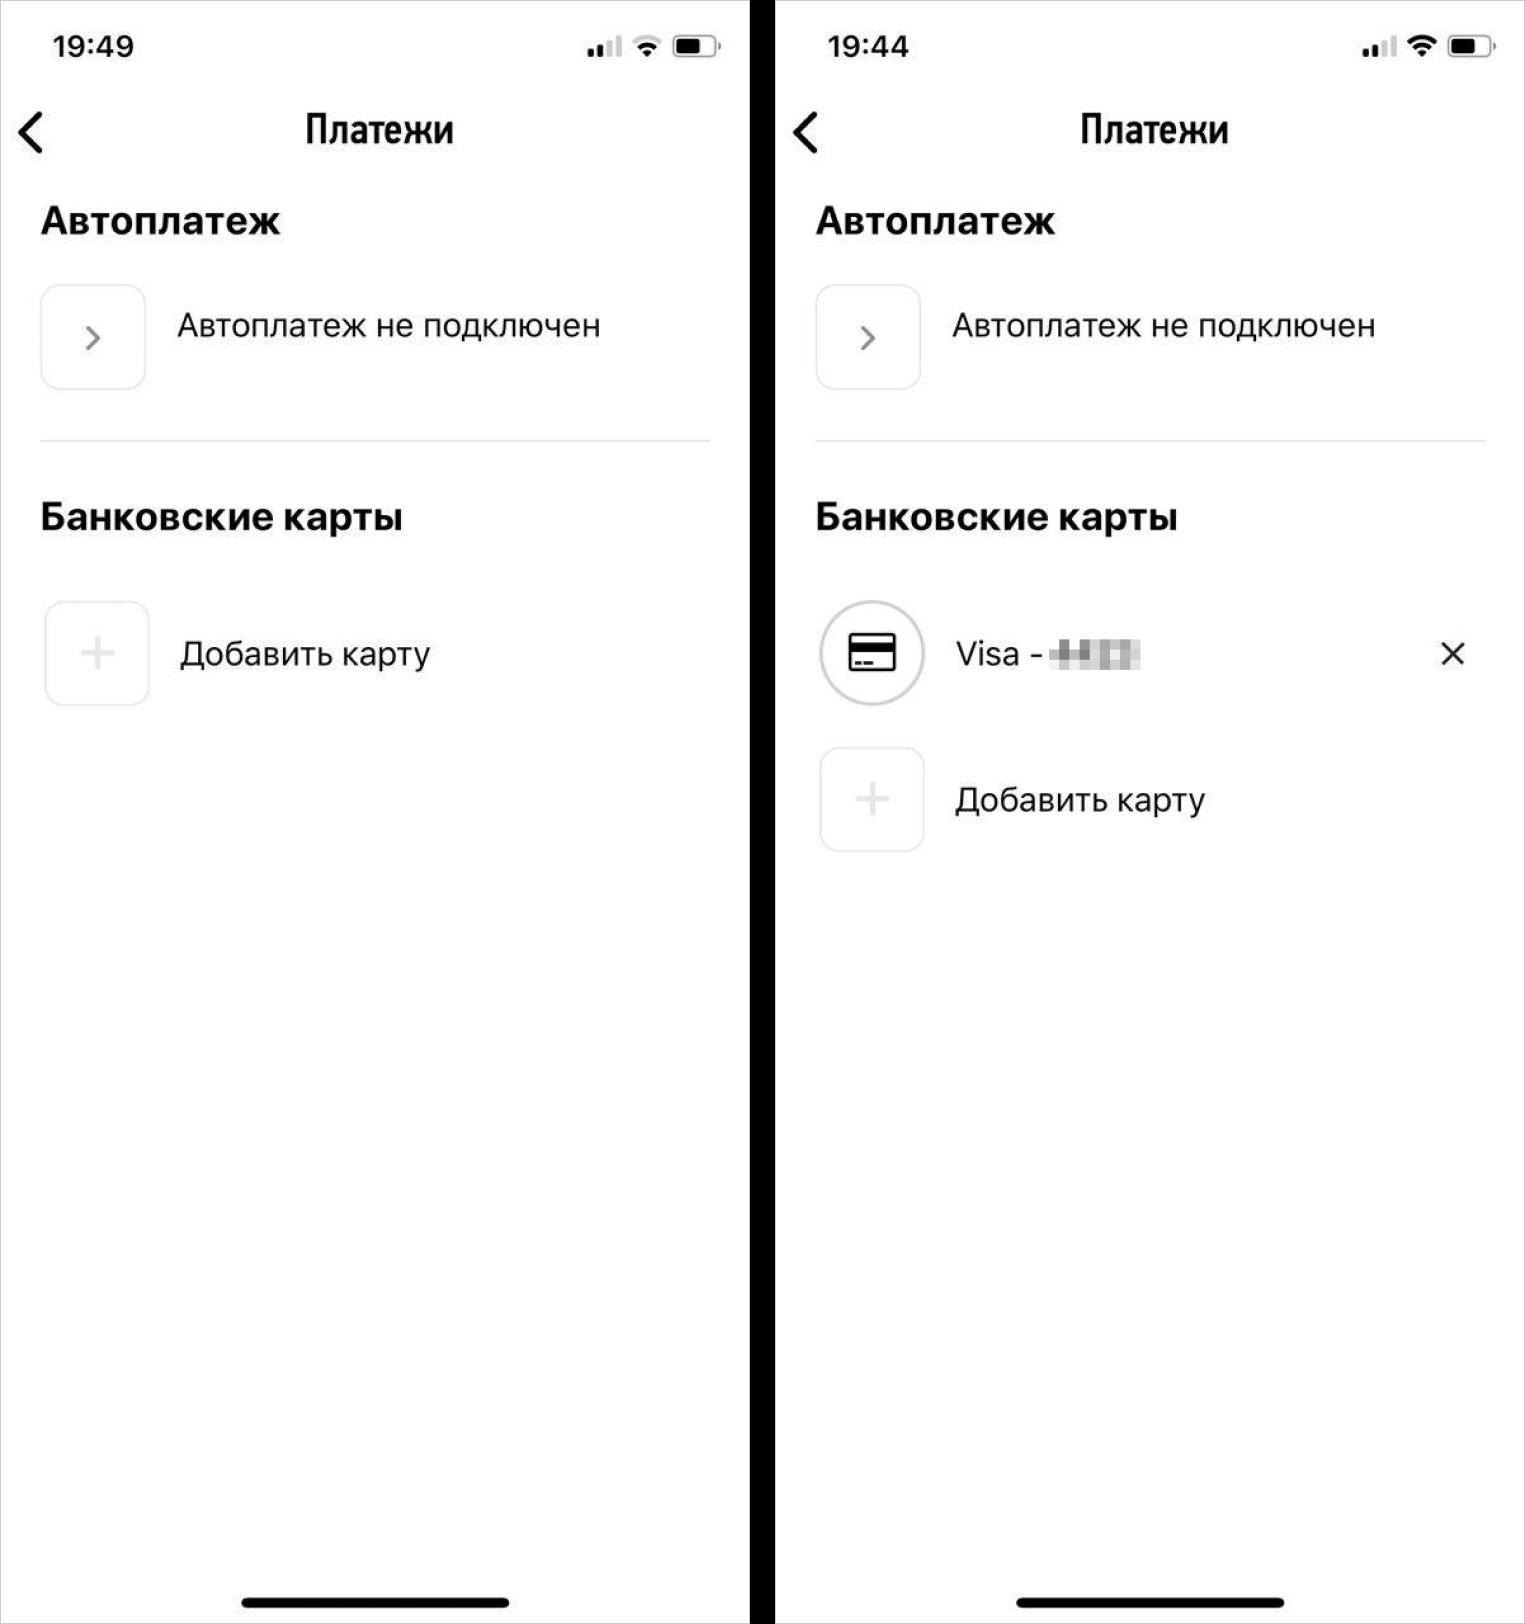 Приложение спишет у вас 1 рубль, чтобы проверить, что все работает, а сама карта появится в приложении через несколько минут